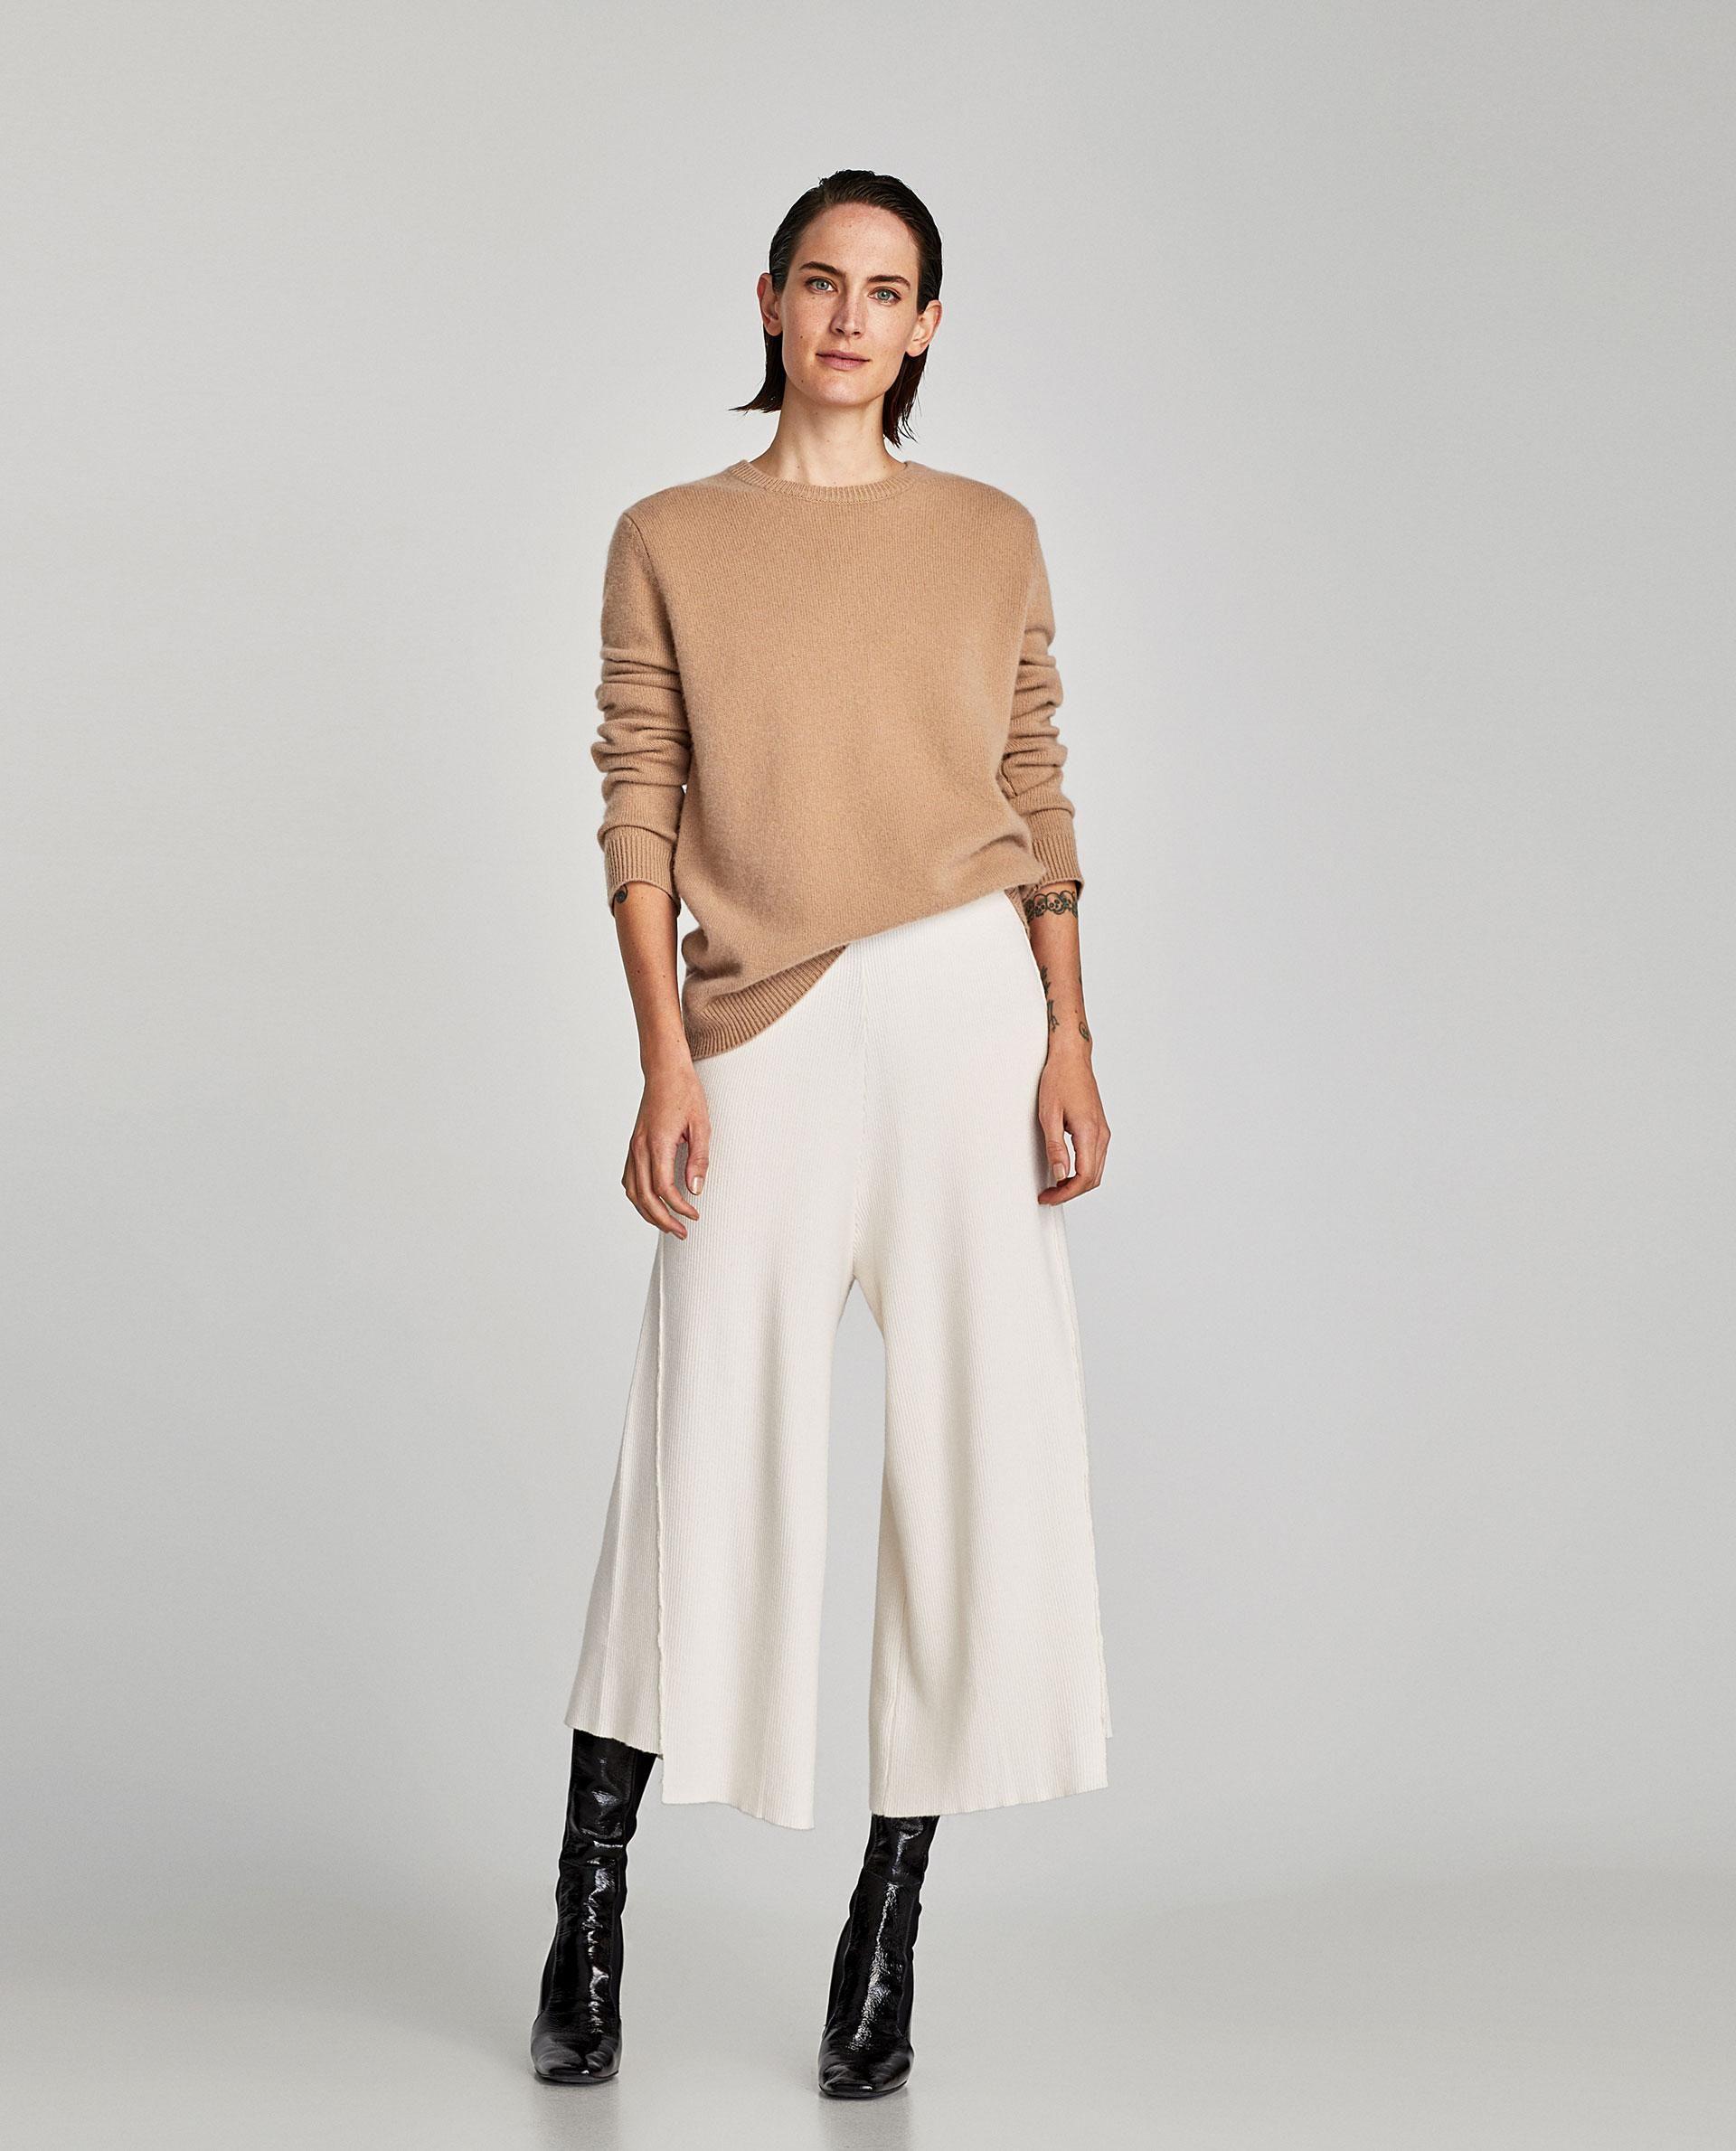 cf8fbc31 Culottes With Asymmetric Hem // 49.90 USD // Zara // Ribbed culottes with  asymmetric hem. HEIGHT OF MODEL: 178 cm. / 5′ 10″